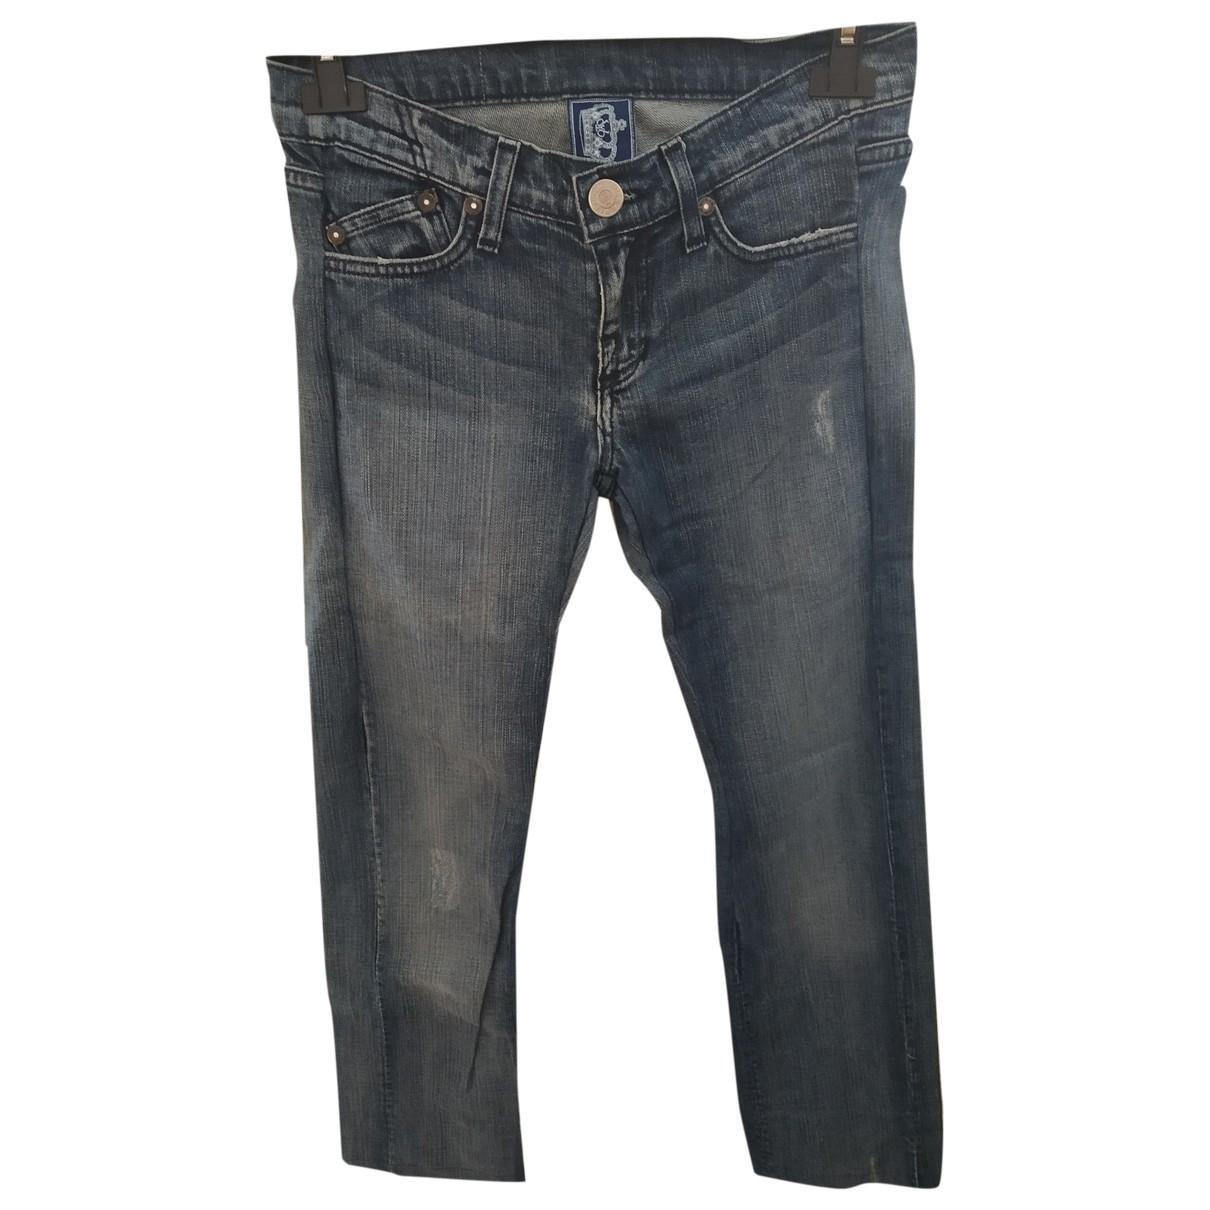 Rock & Republic De Victoria Beckham \N Blue Denim - Jeans Trousers for Women 38 IT